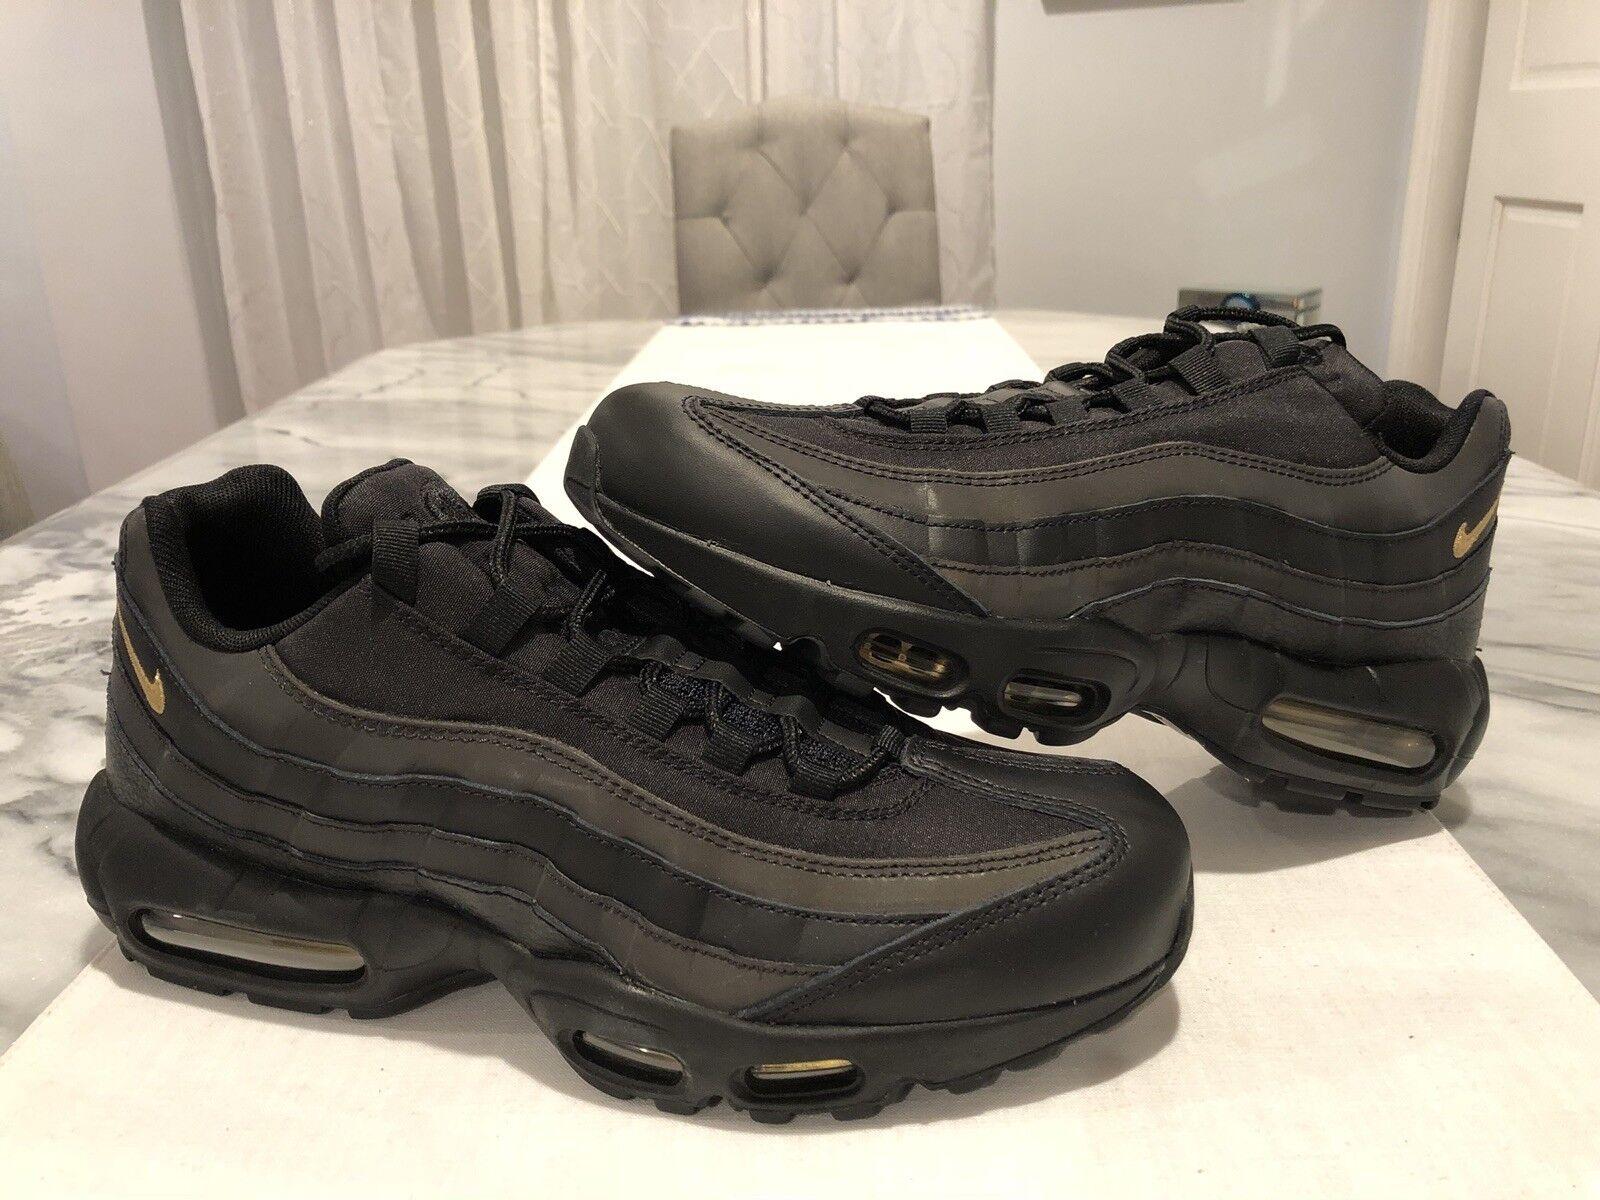 Nike Nike Nike air max 95 premium (schwarz / metallisches gold) versteckte reflektierenden größe 11. 096885